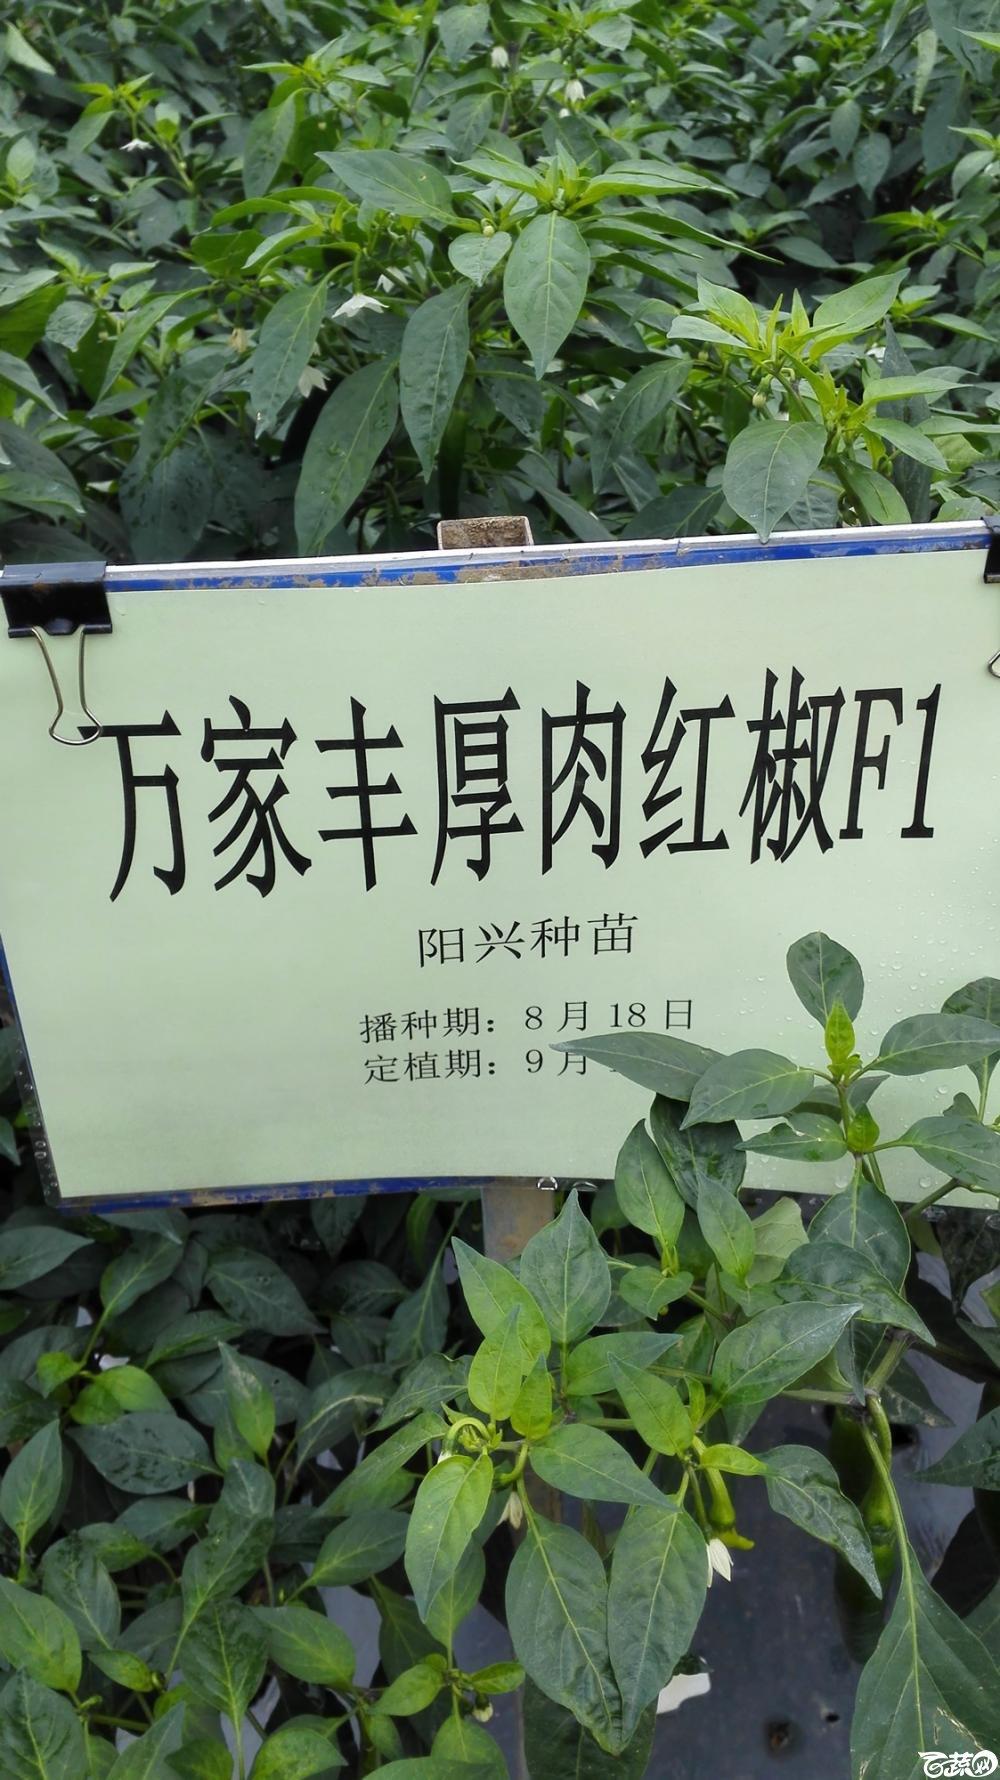 2014年12月8号中山蔬菜新品种展示会_辣椒_062.jpg